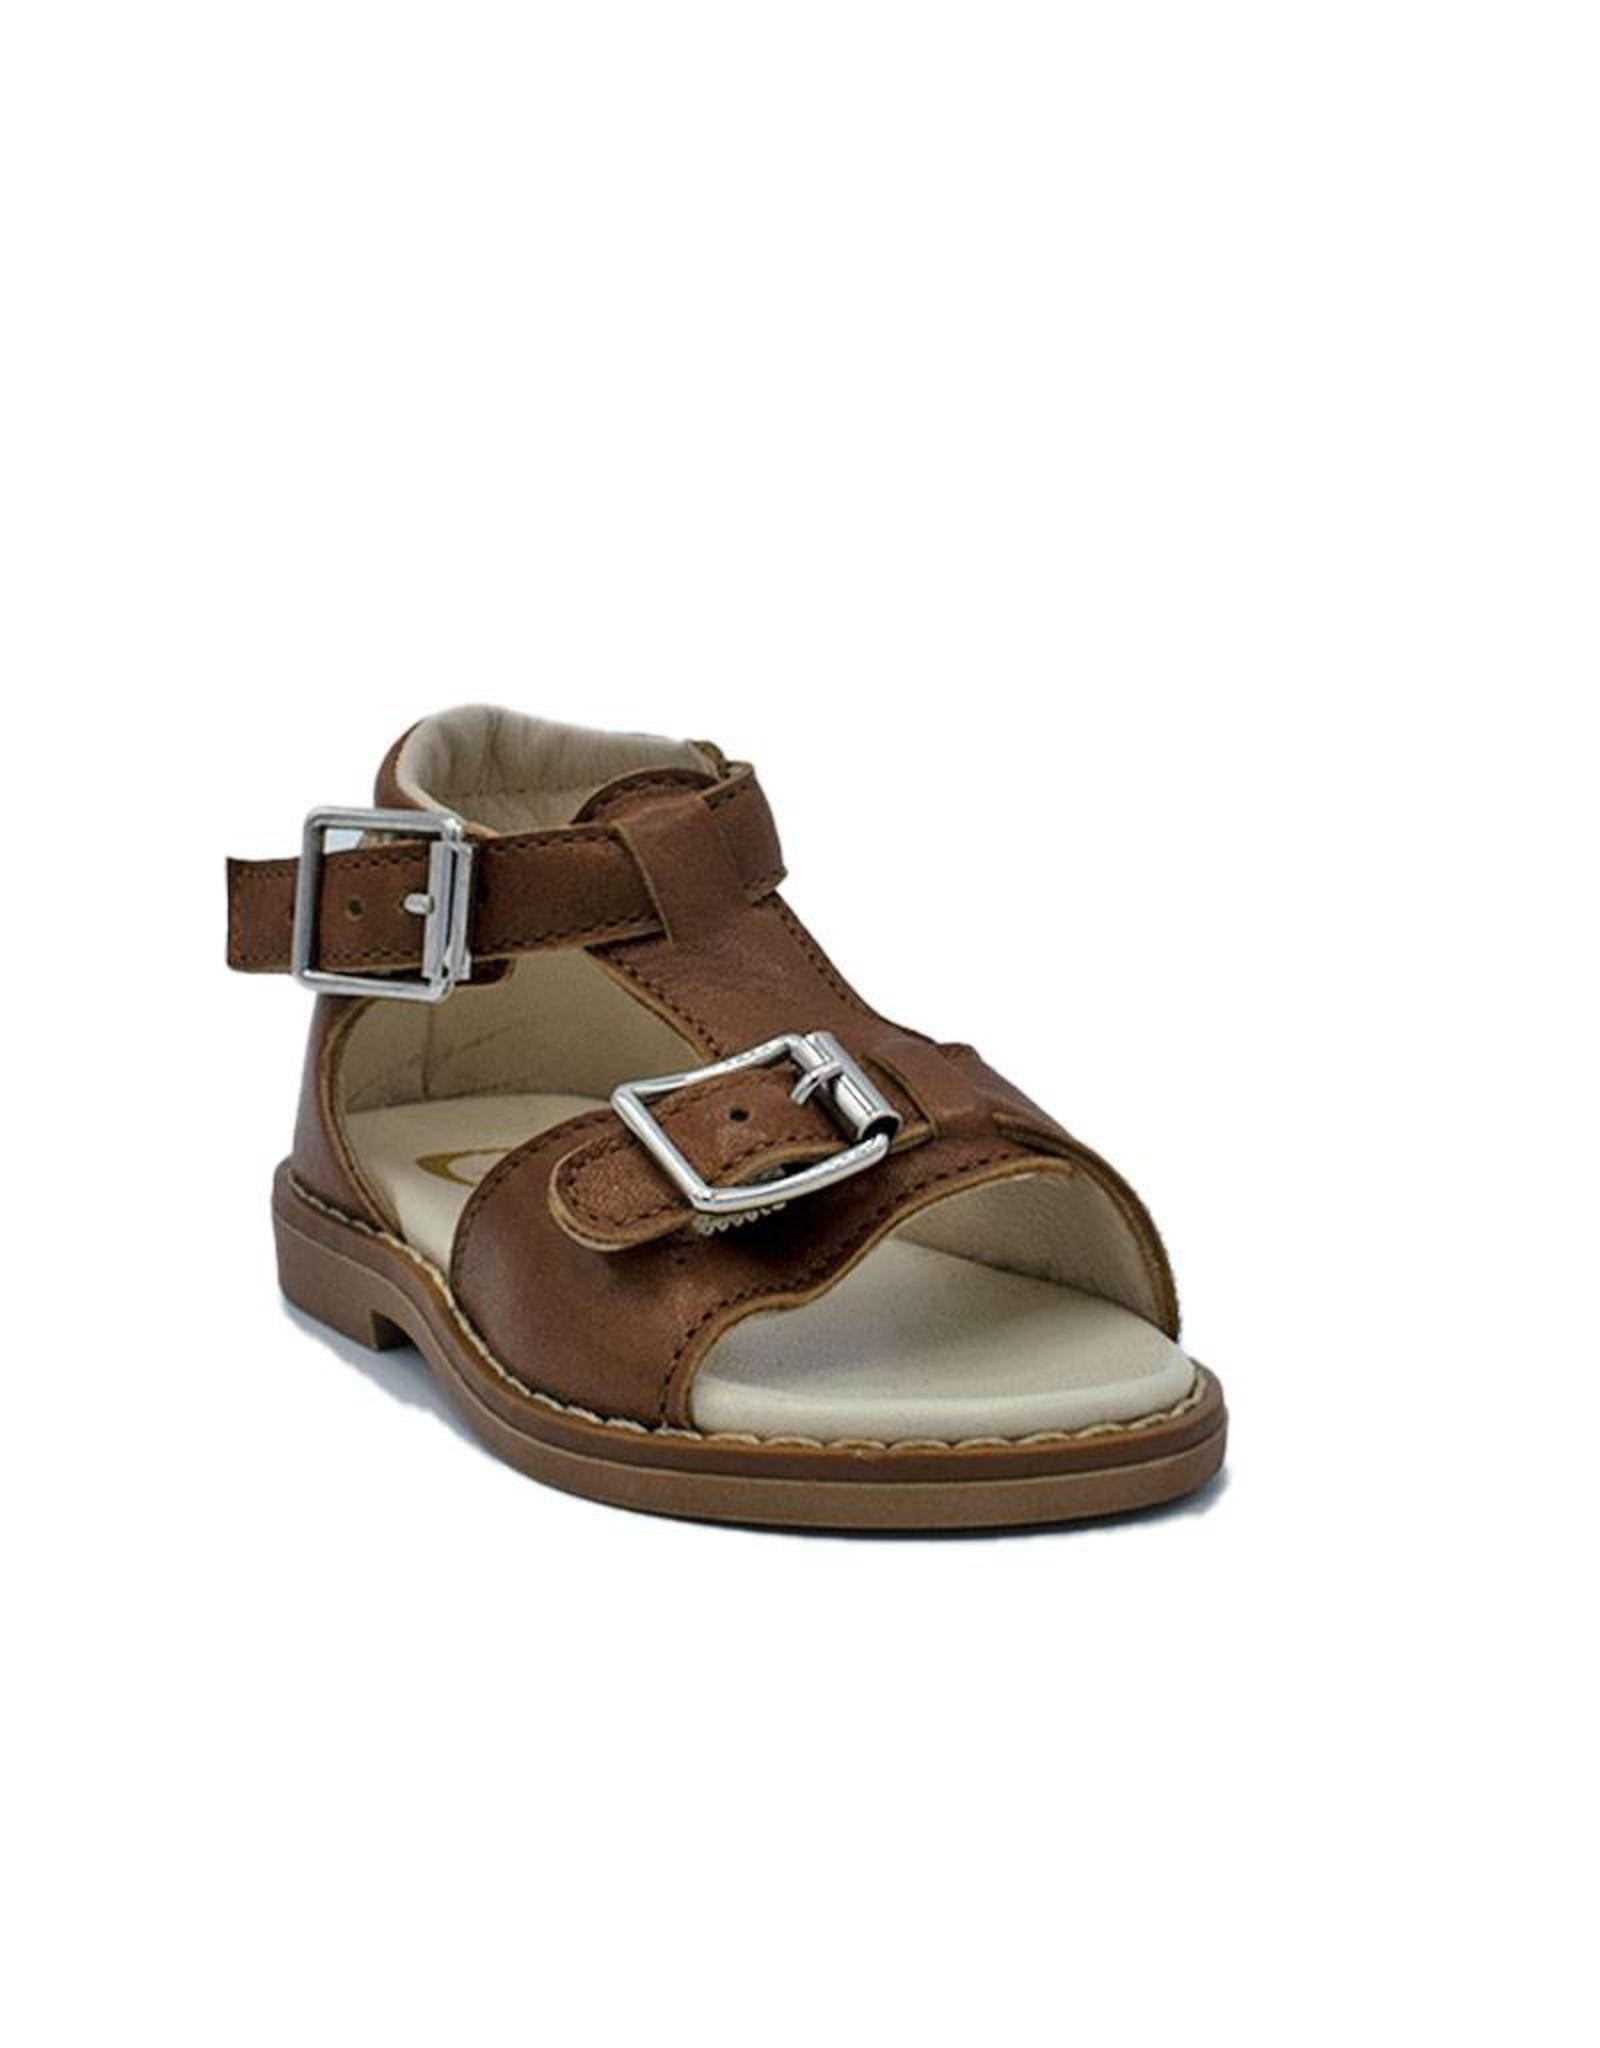 GALLUCCI GALLUCCI sandale marron